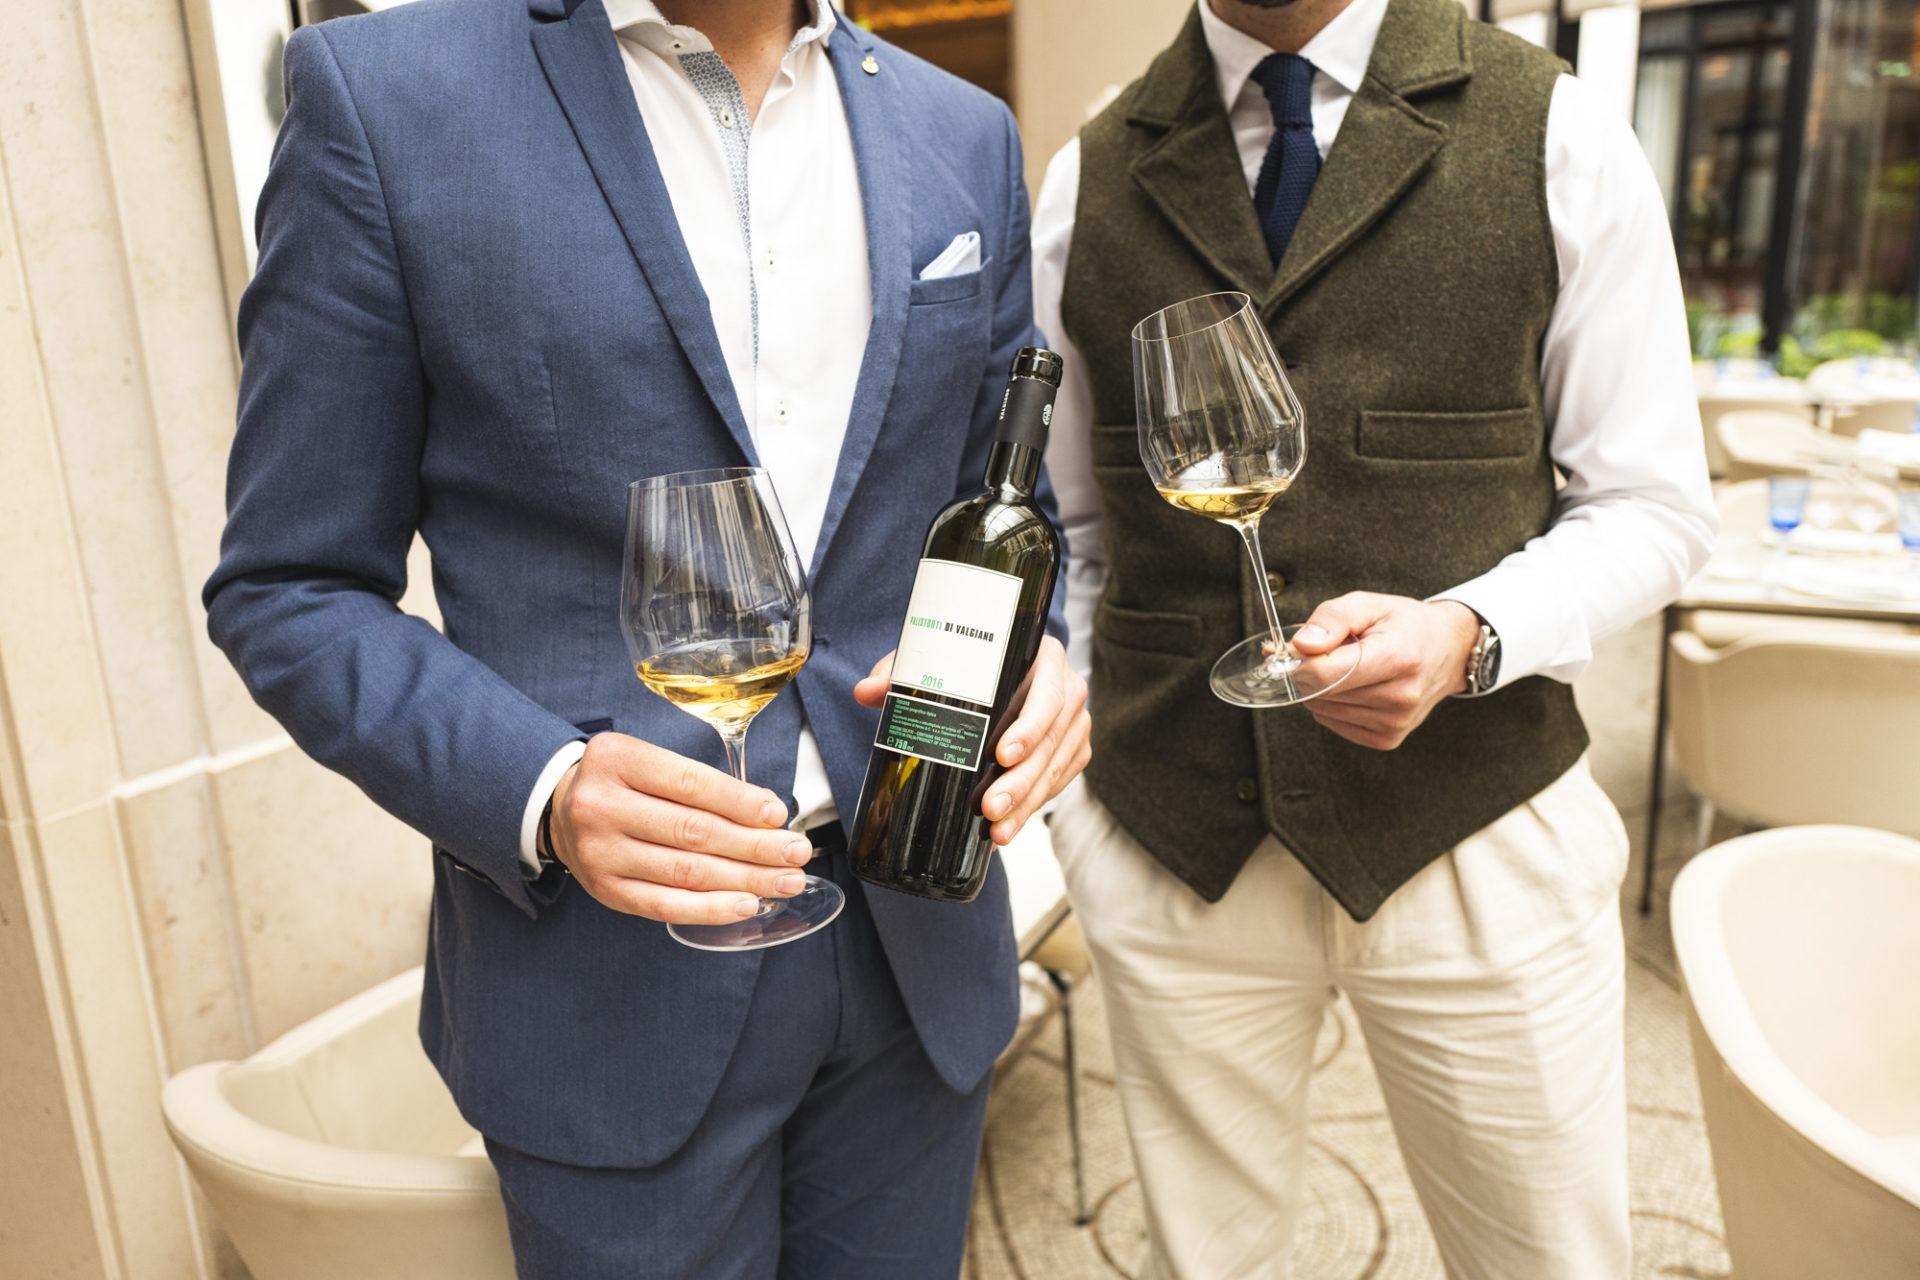 Sélection de vin au restaurant Le George - Tenuta di Valgiano